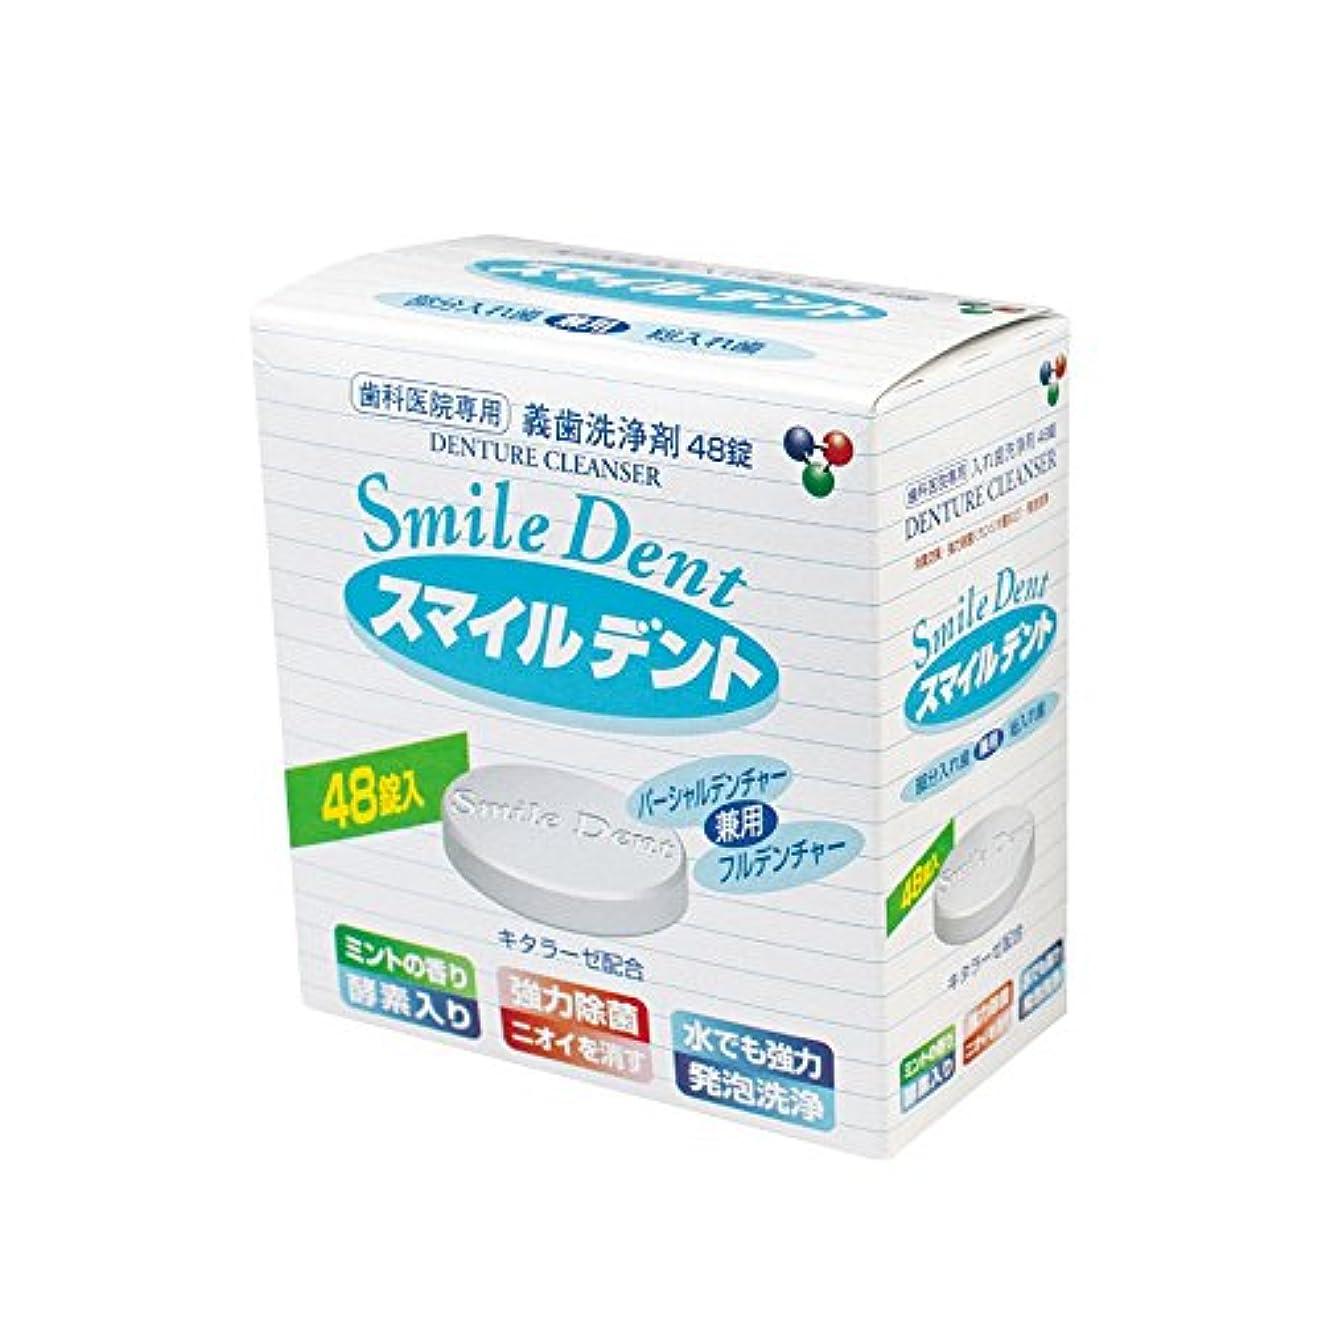 資源仕出しますタウポ湖義歯洗浄剤 スマイルデント 1箱(48錠)